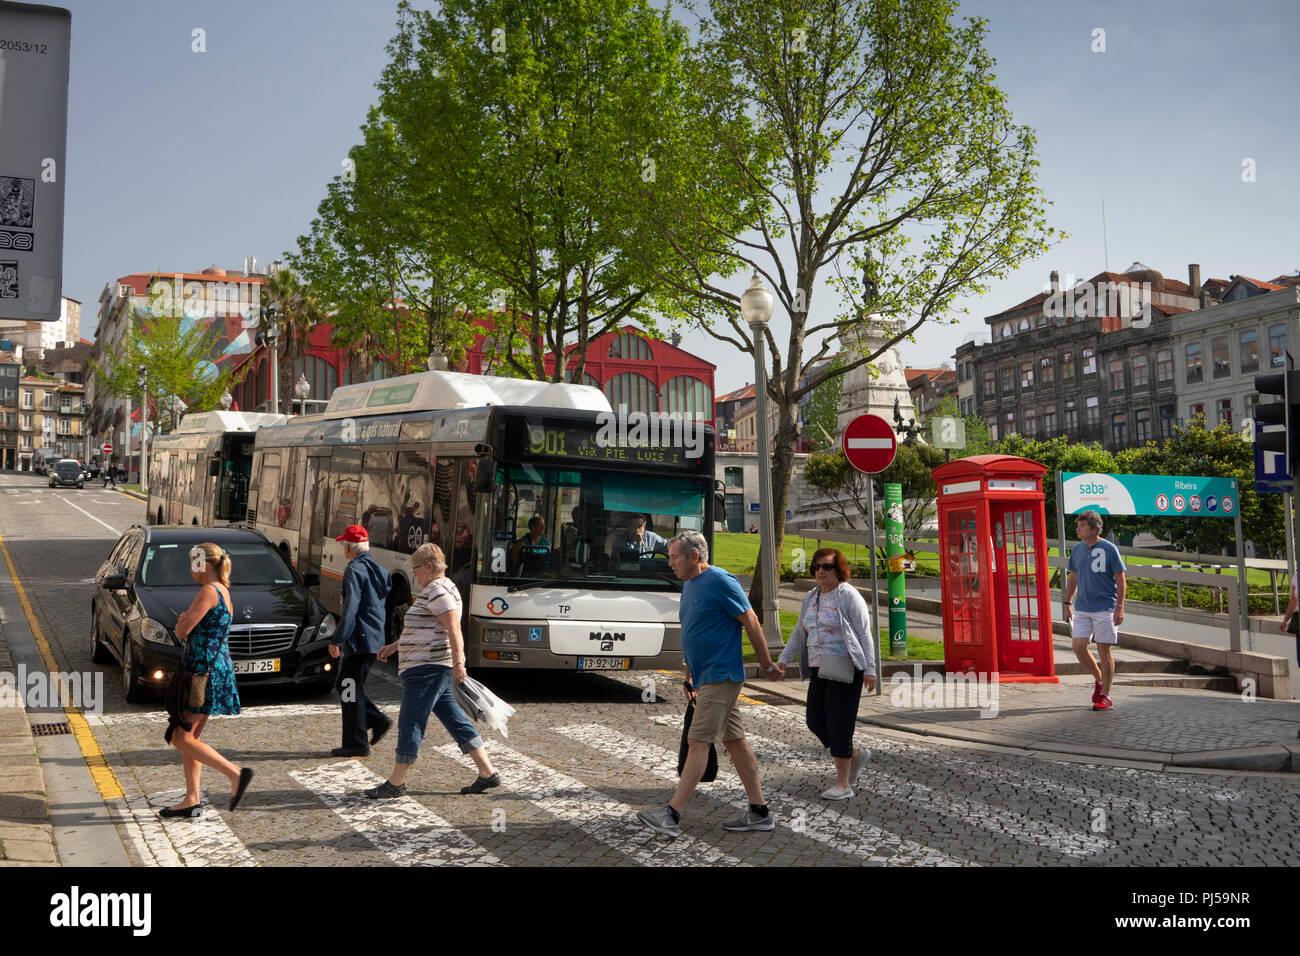 Por212Portugal, Porto, Ribeira, Jardim do Infante Dom Henrique, pedestrians crossing road - Stock Image